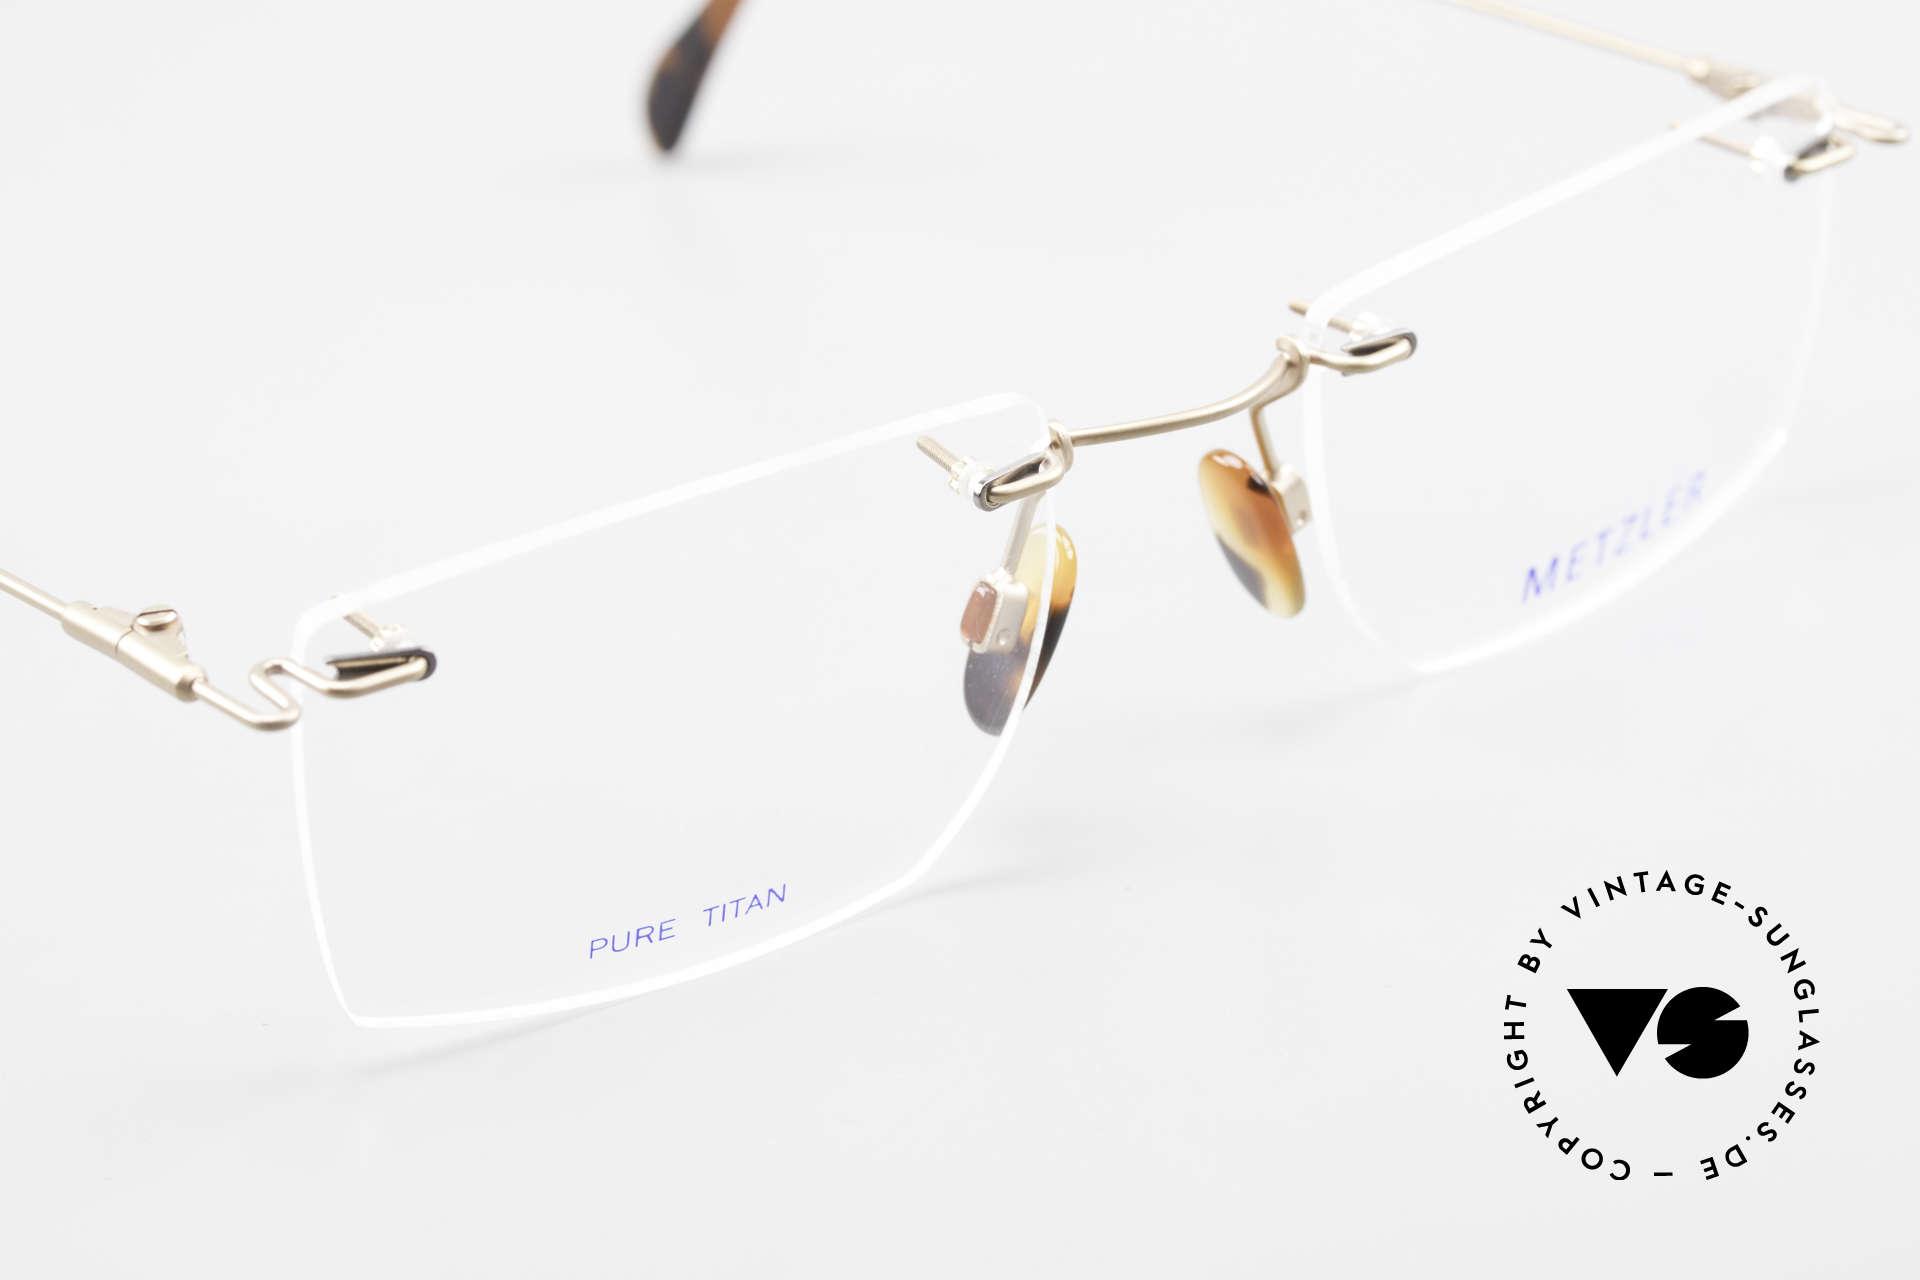 Metzler 1484 Randlose Vintage Brille Titan, KEINE RETROBRILLE, ein echtes altes 90er Jahre Original, Passend für Herren